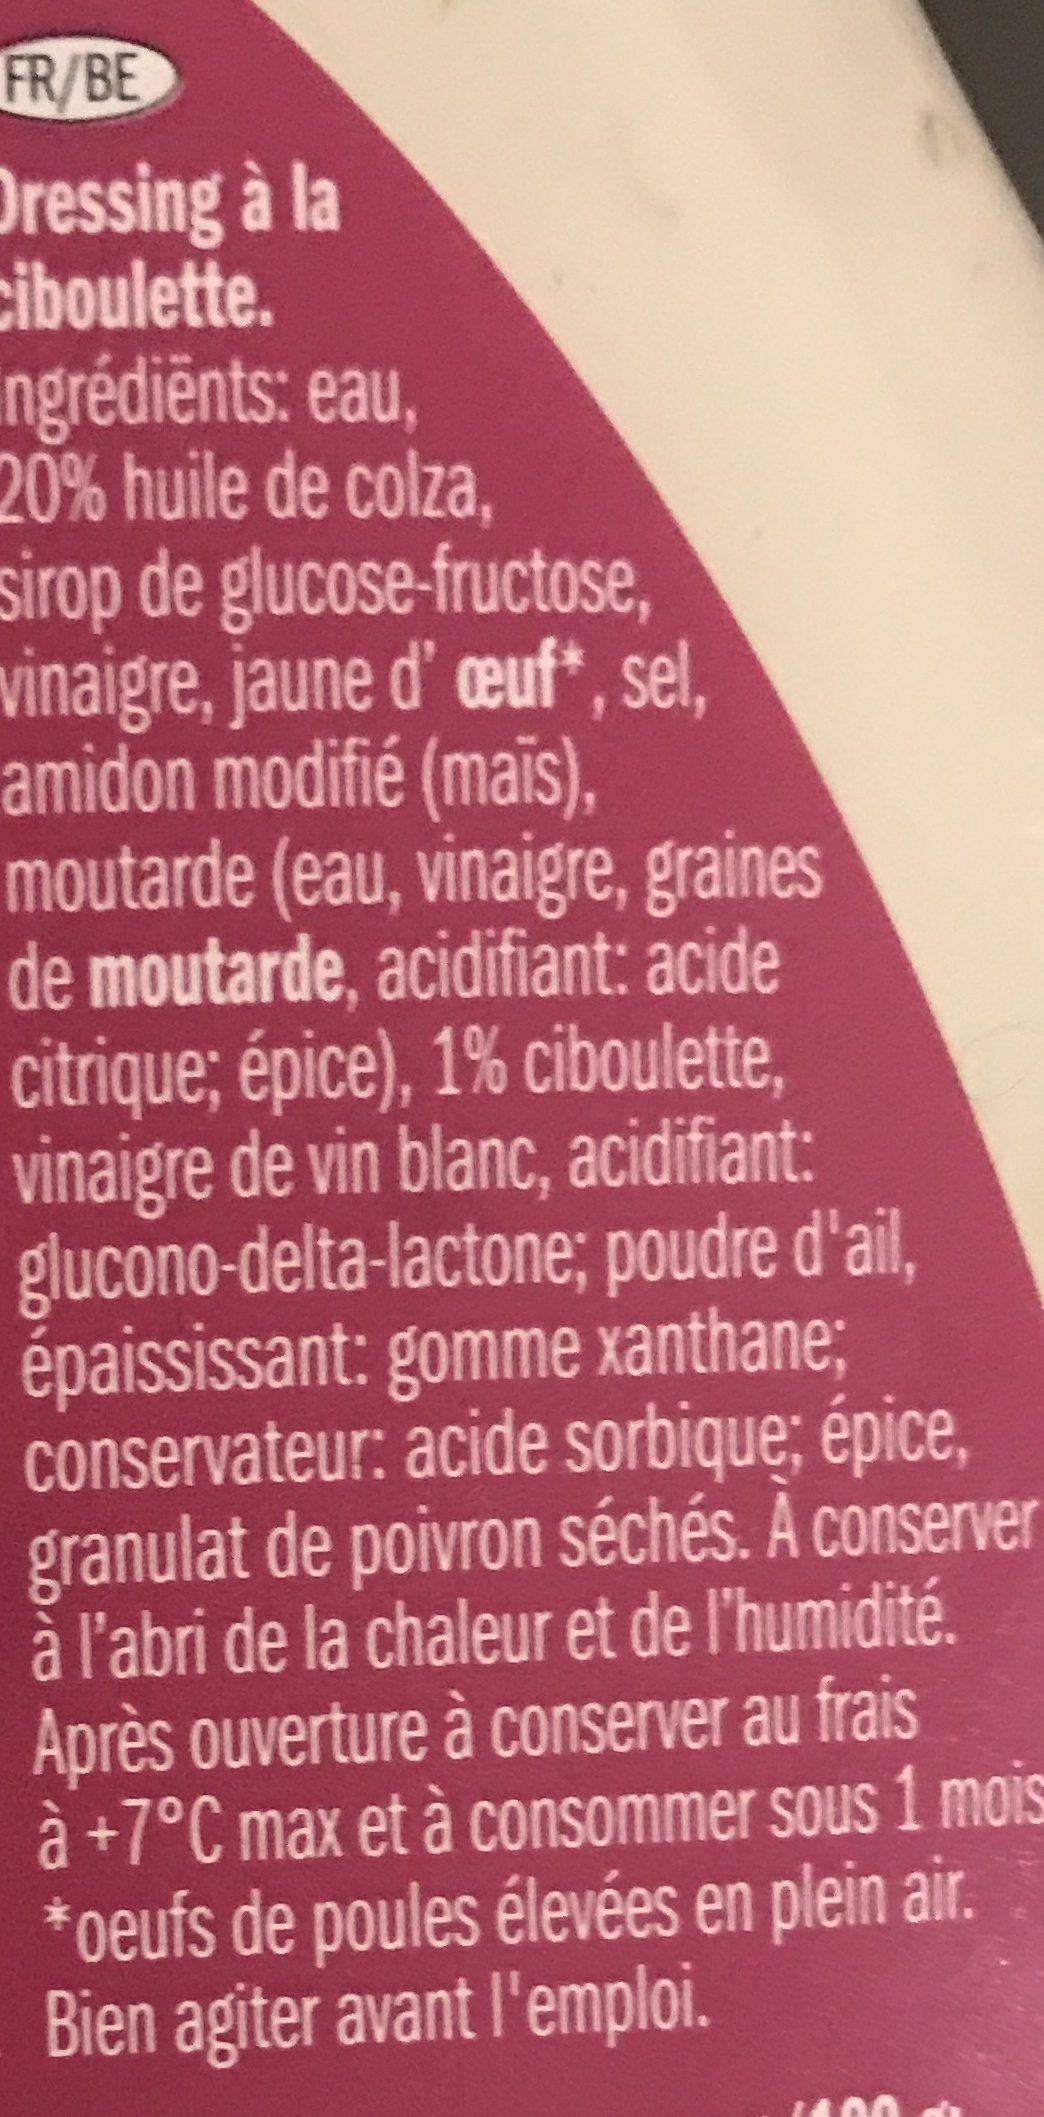 Vinigrette - Ingrediënten - fr